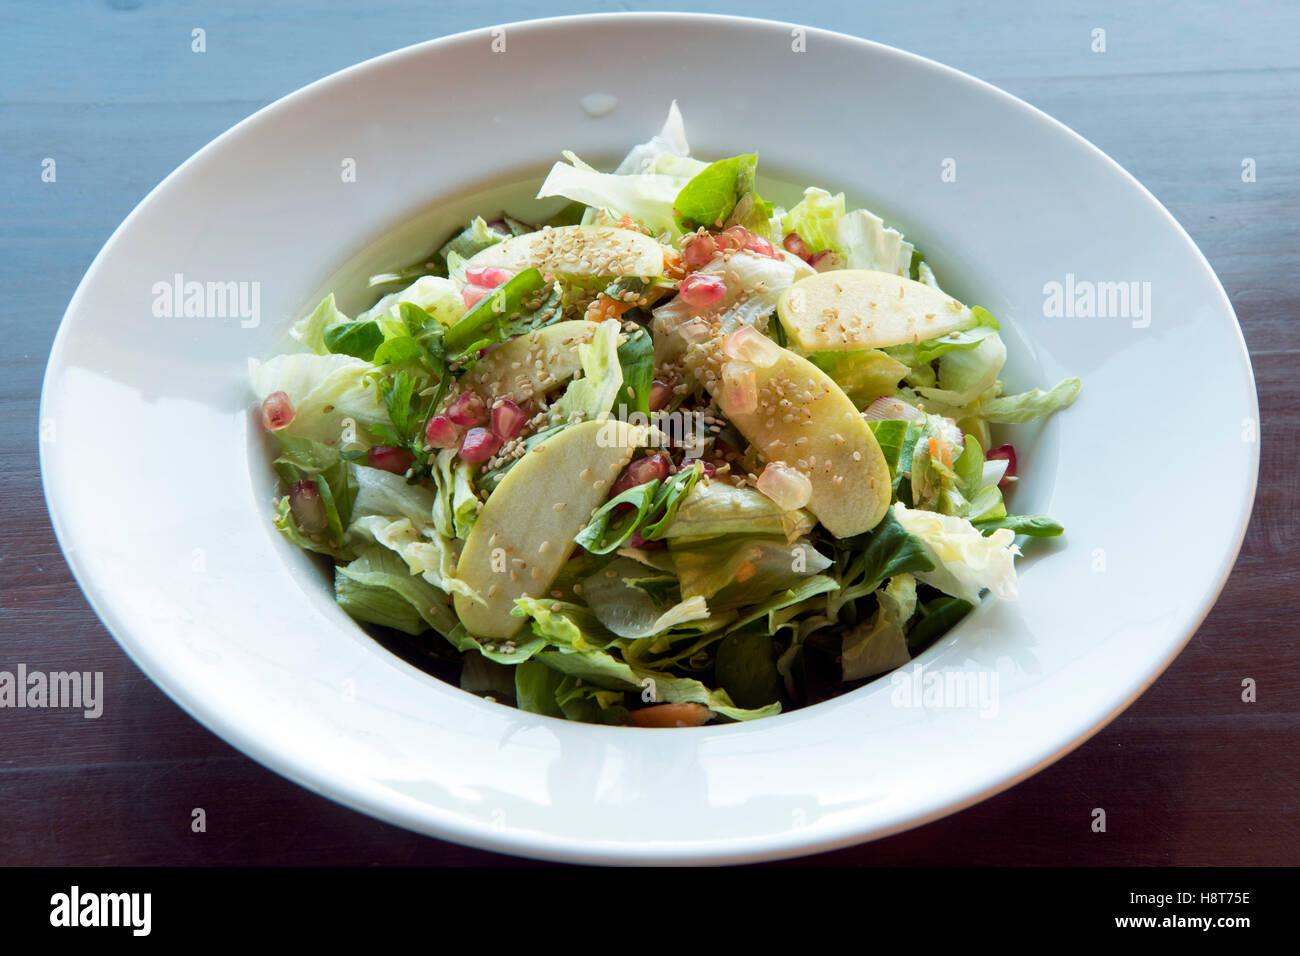 Griechenland, Kreta, griechische Küche, Lassithi-Hochebene, Taverne Vilaeti, Salat mit Granatapfel - Stock Image